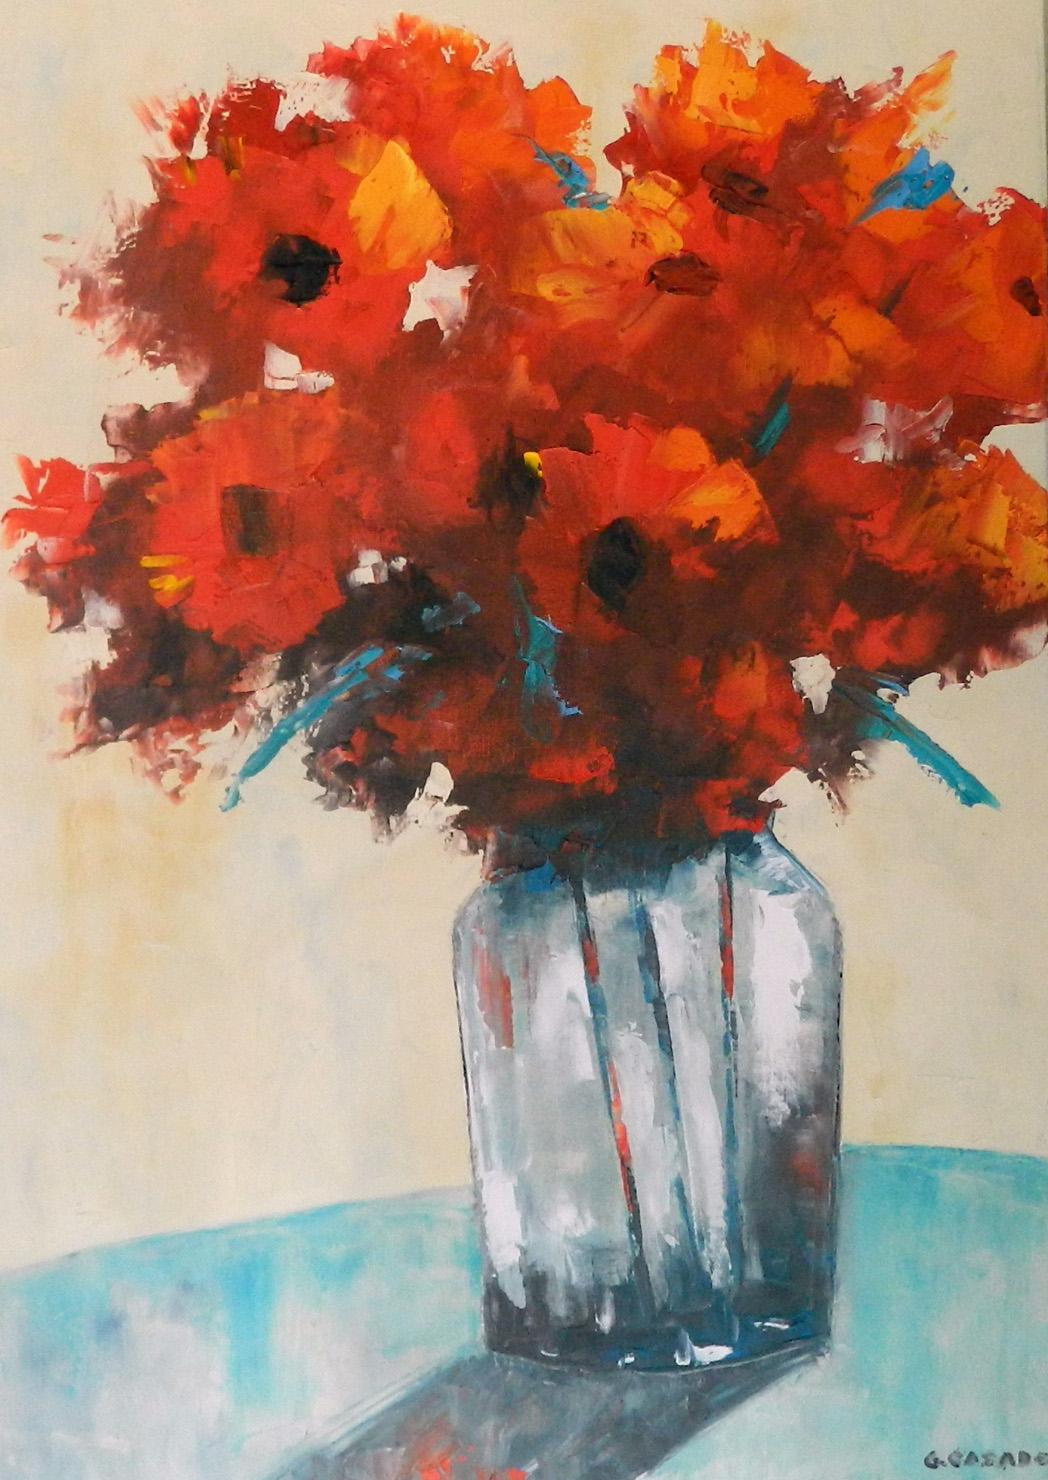 flores-03-050-x-070